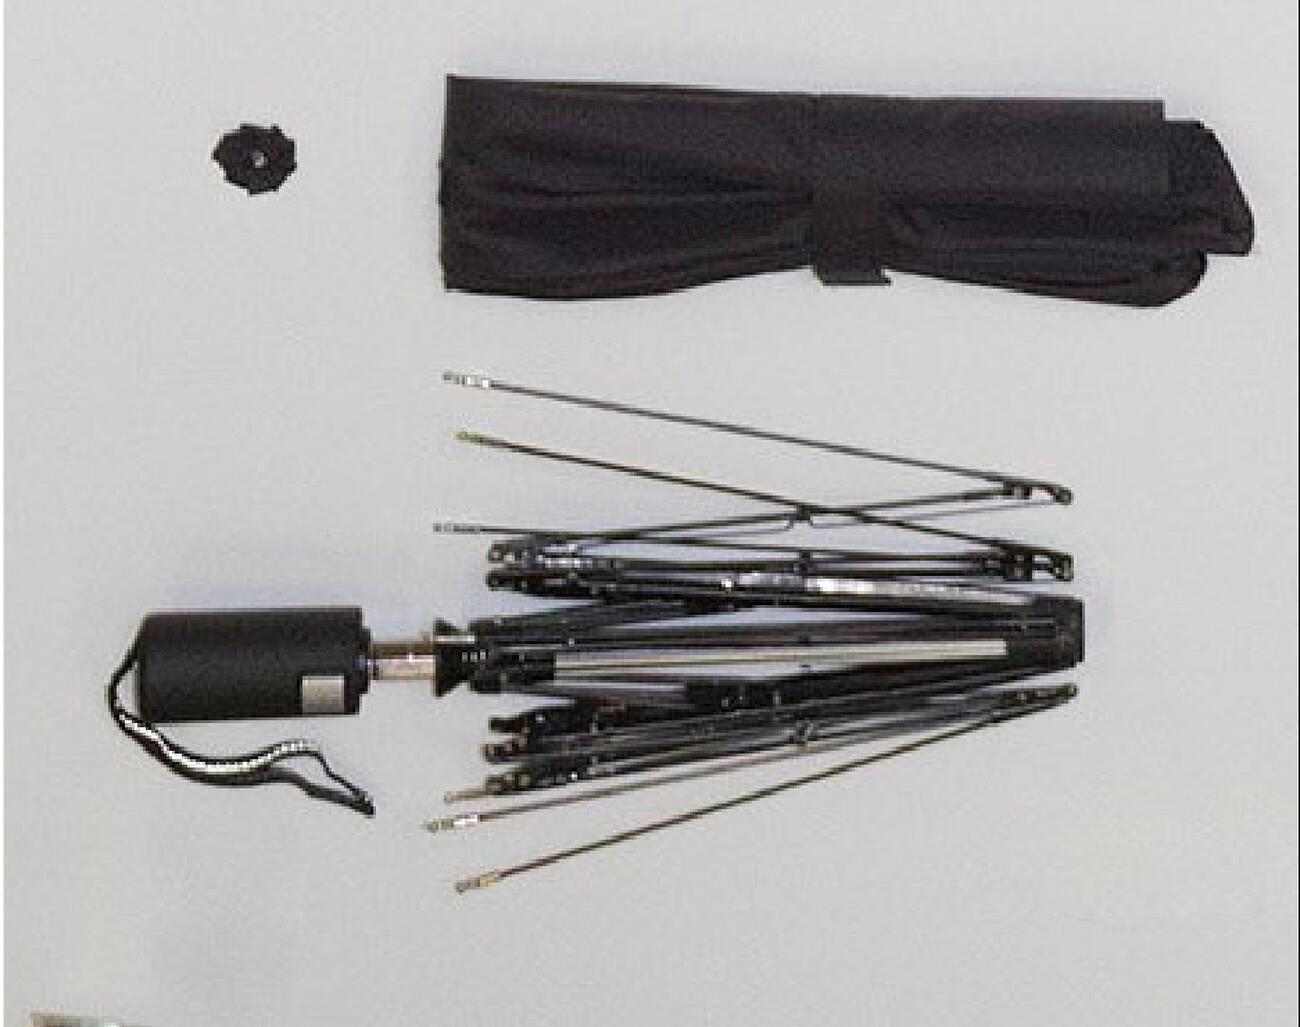 Trimagic - Einzelteile eines Schirms